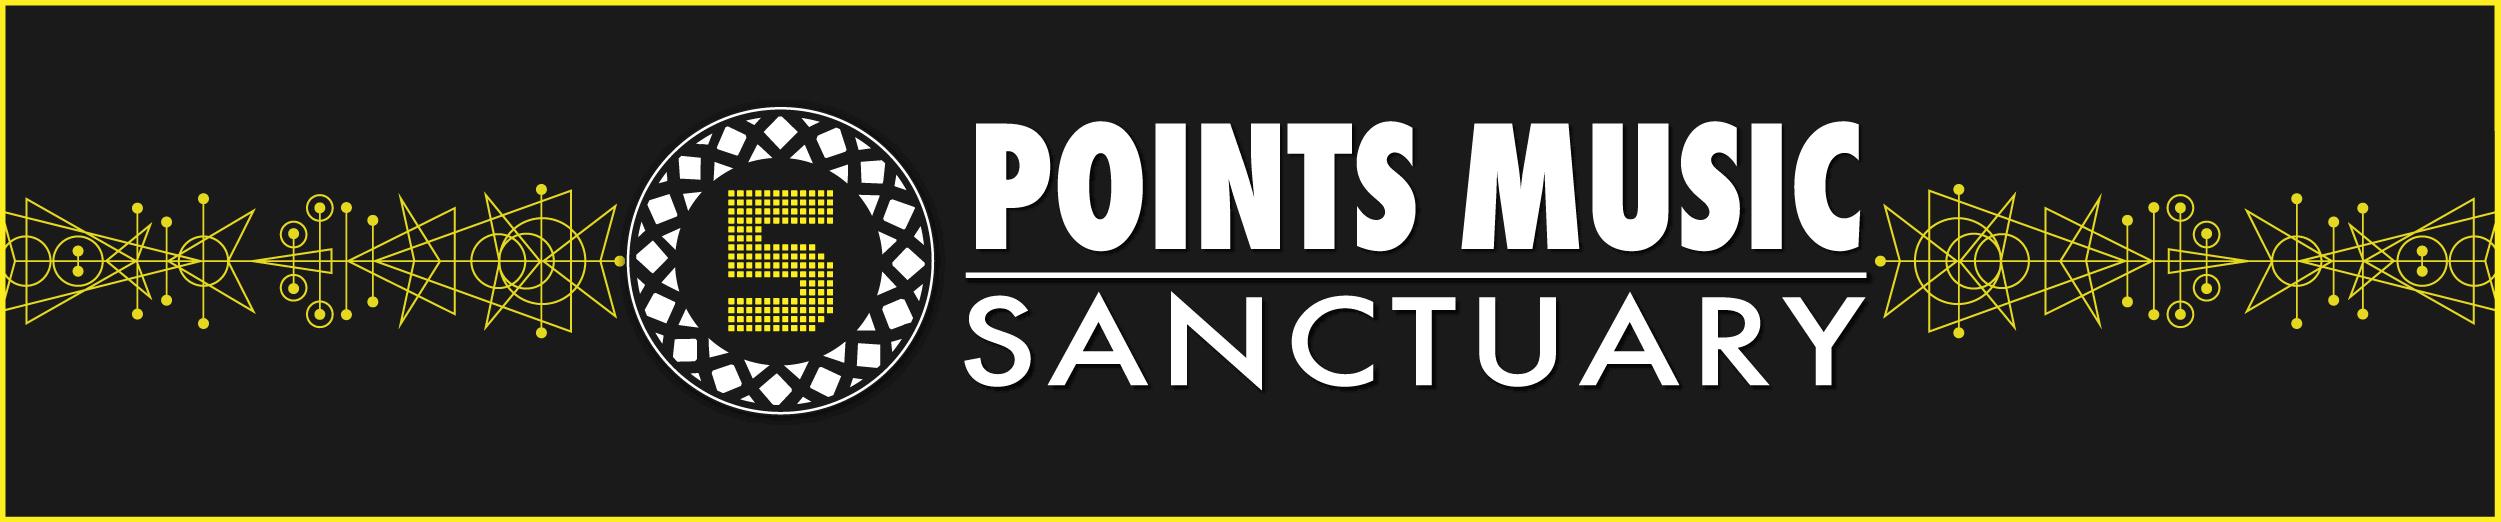 5 POINTS MUSIC SANCTUARY